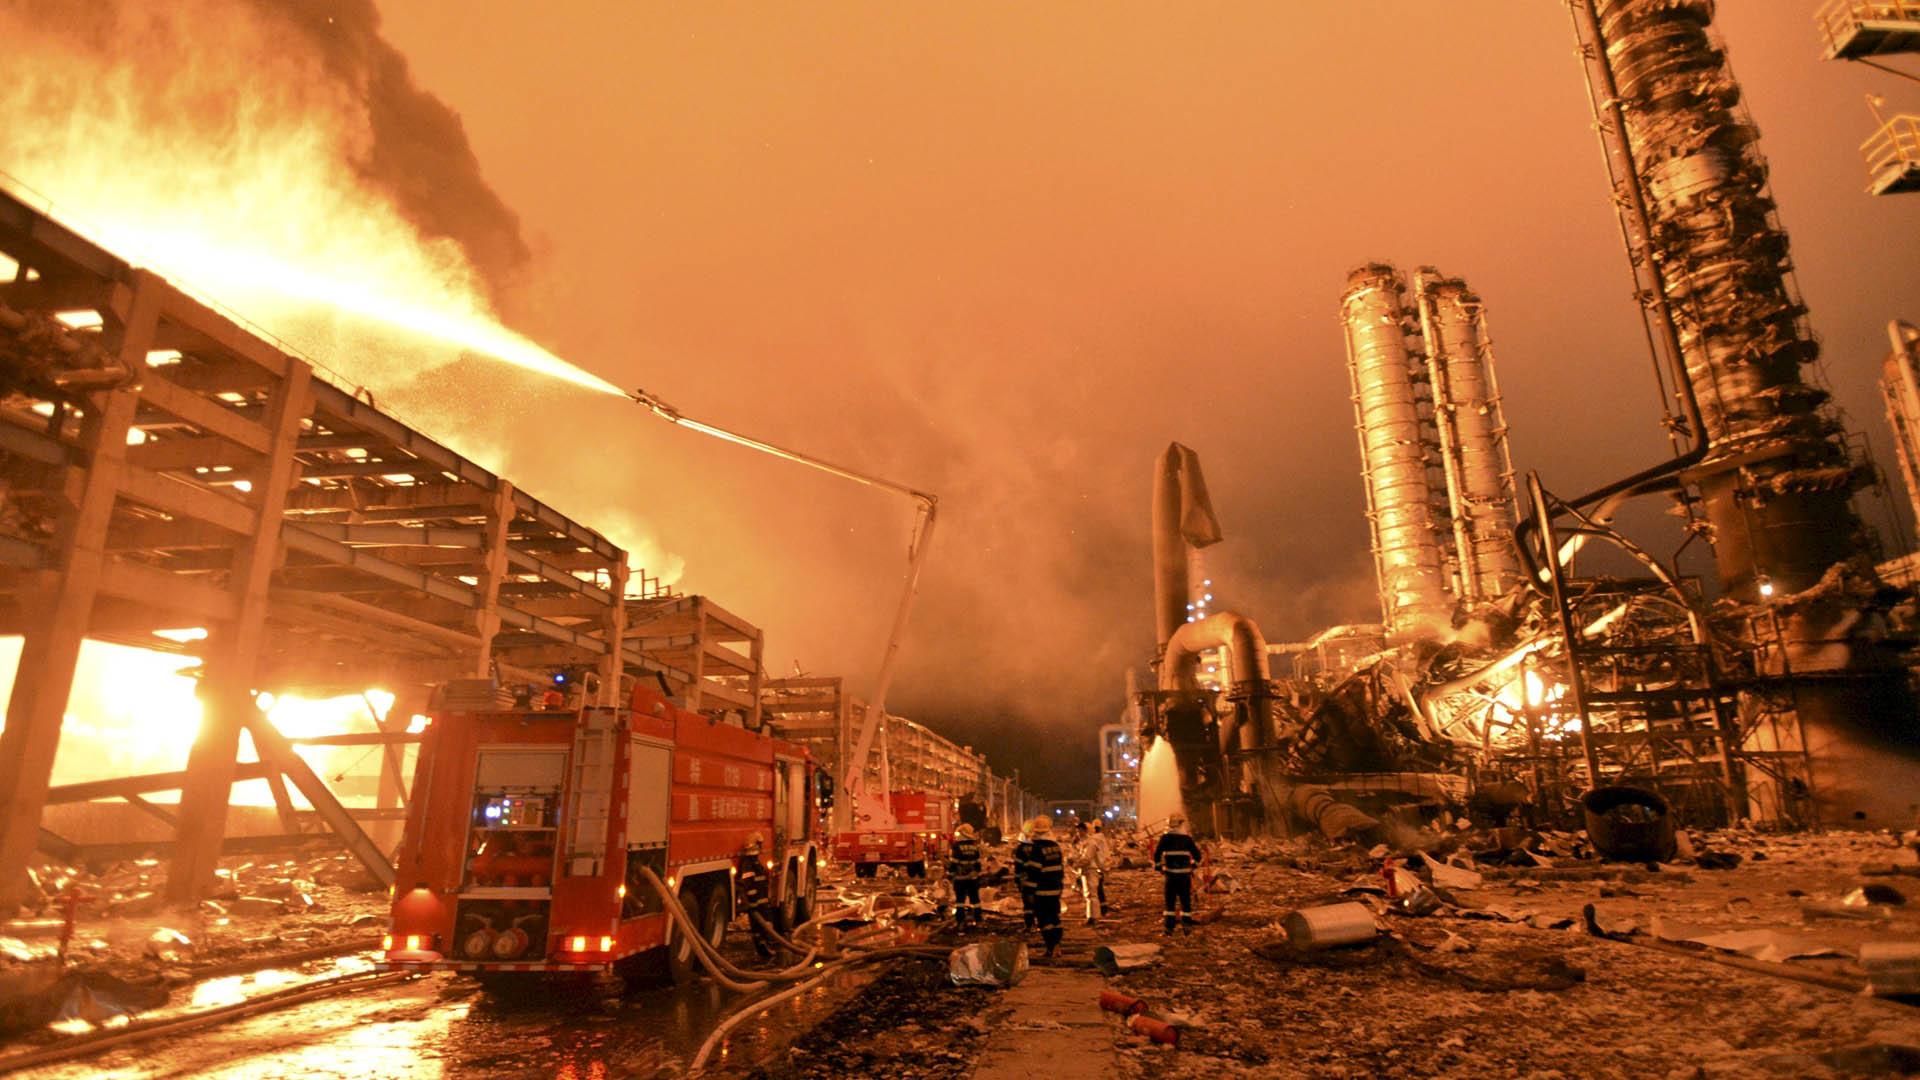 Gobierno chino anunció que va a proceder a revisar las condiciones de seguridad de fábricas y depósitos químicos